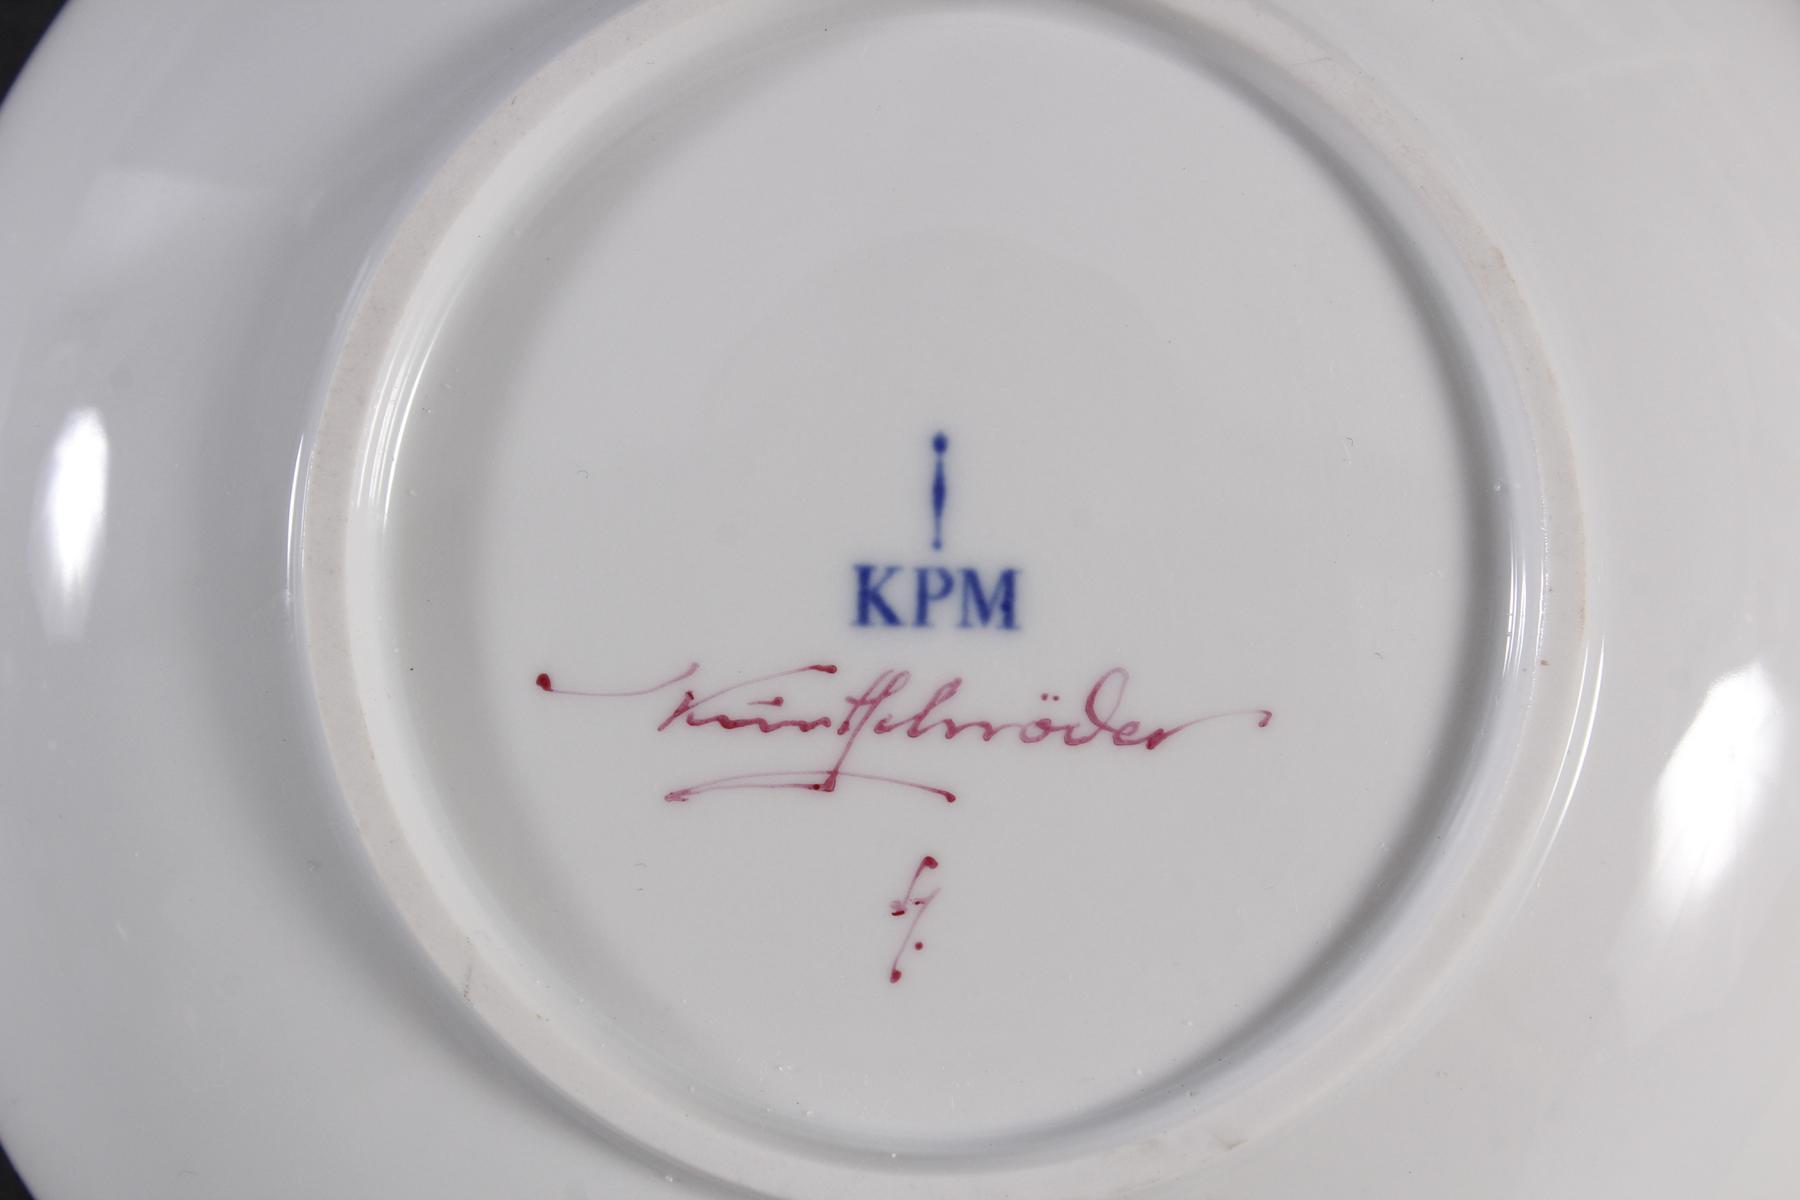 Cabarettschale, KPM Berlin, signiert Kurt Schröder-3